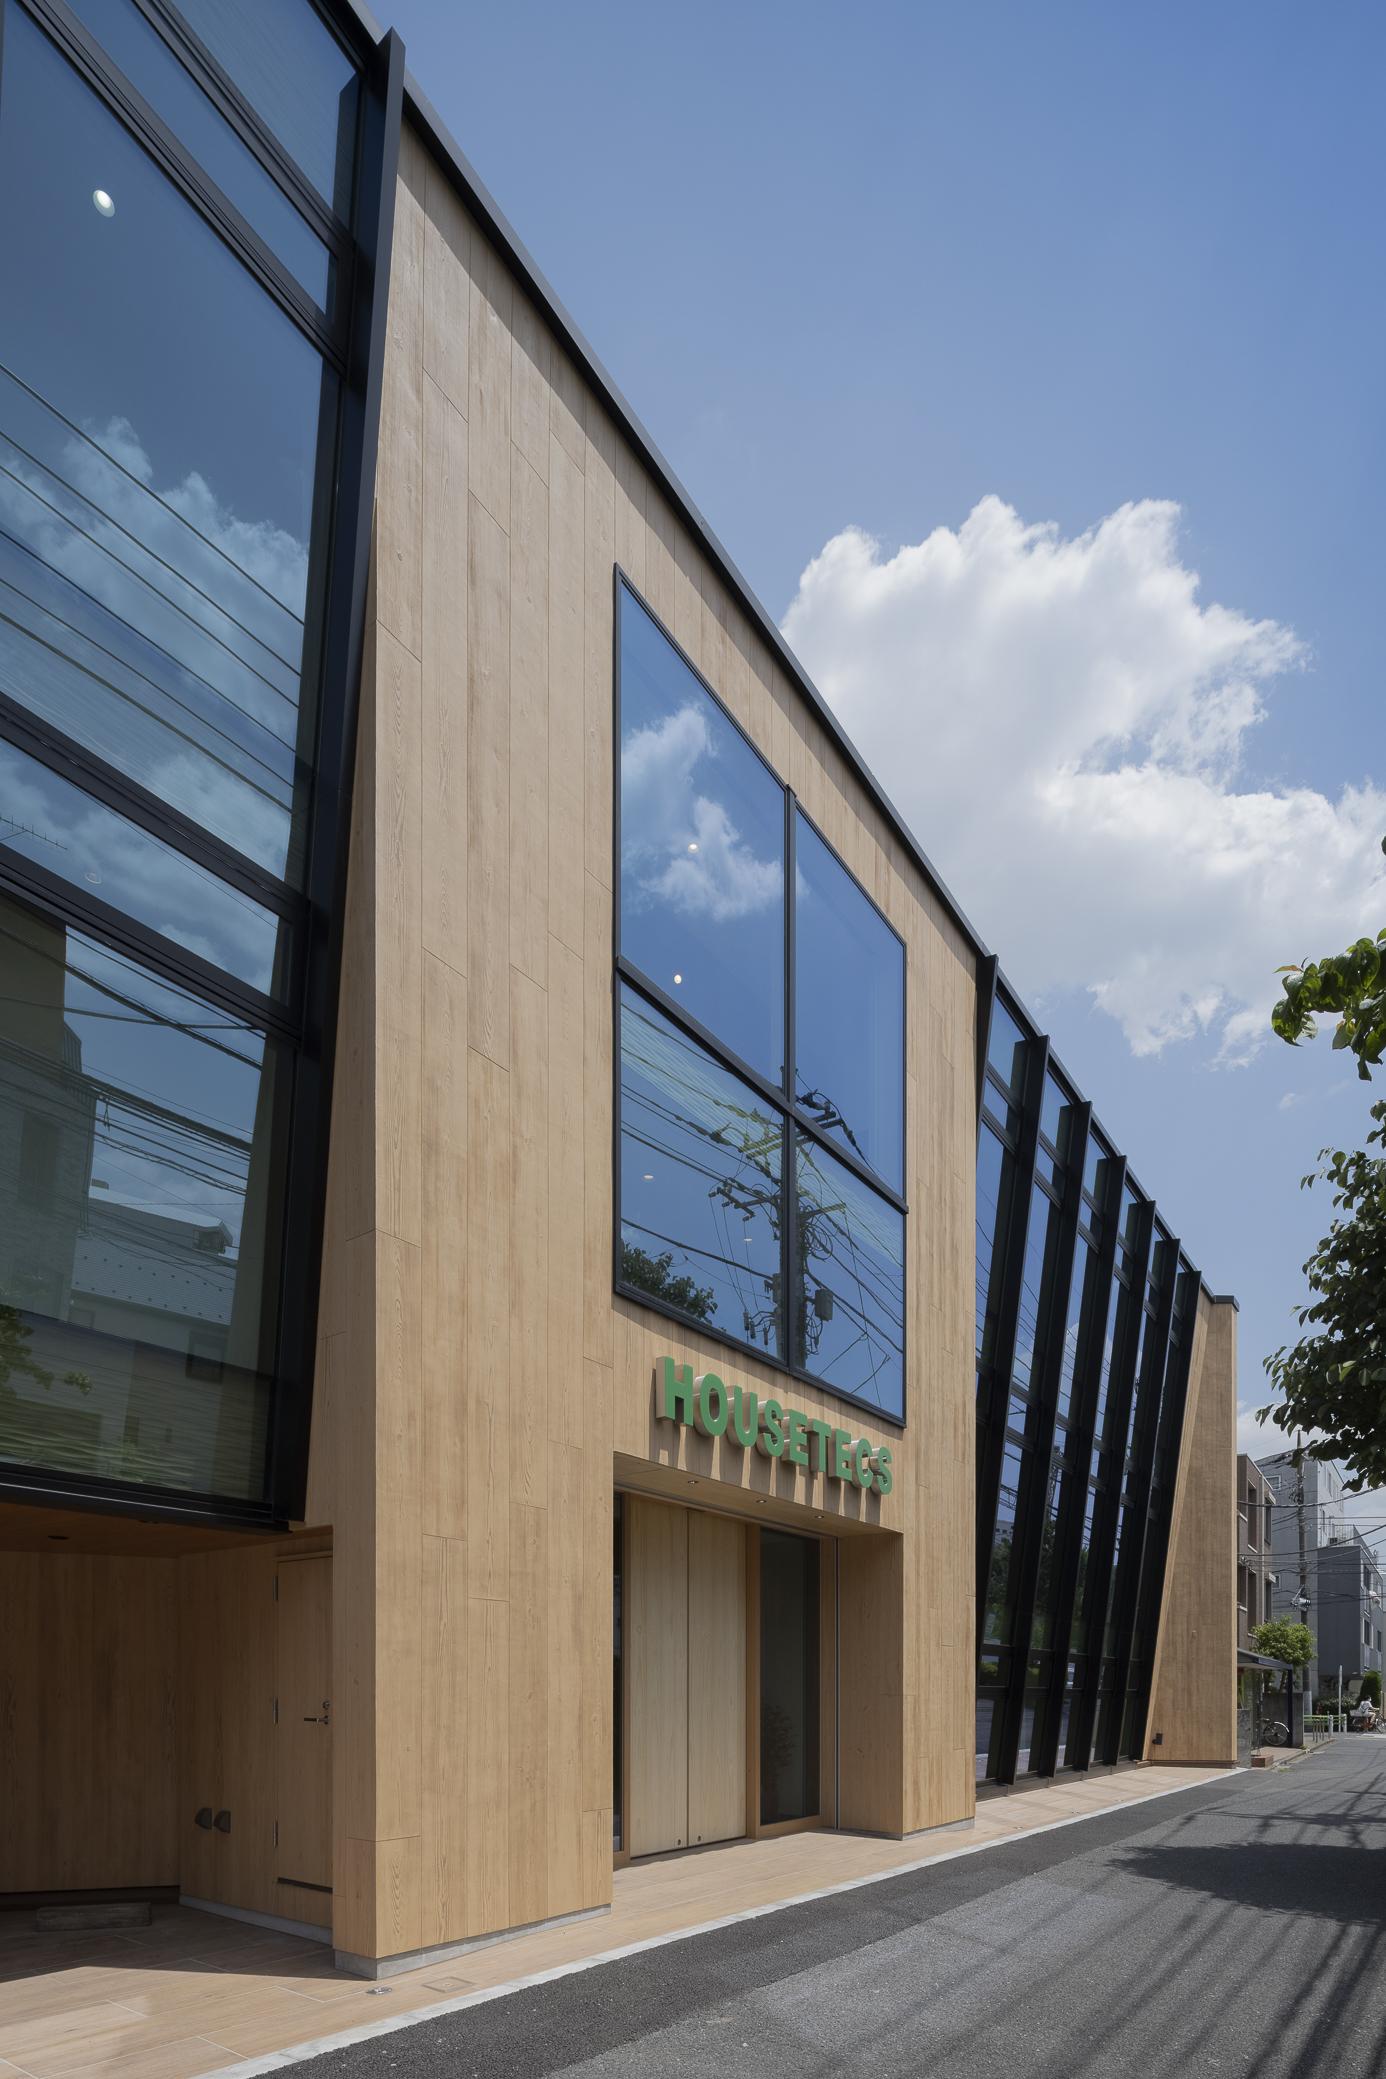 SE構法の事務所「ハウステックス東京本社ビル」の概要